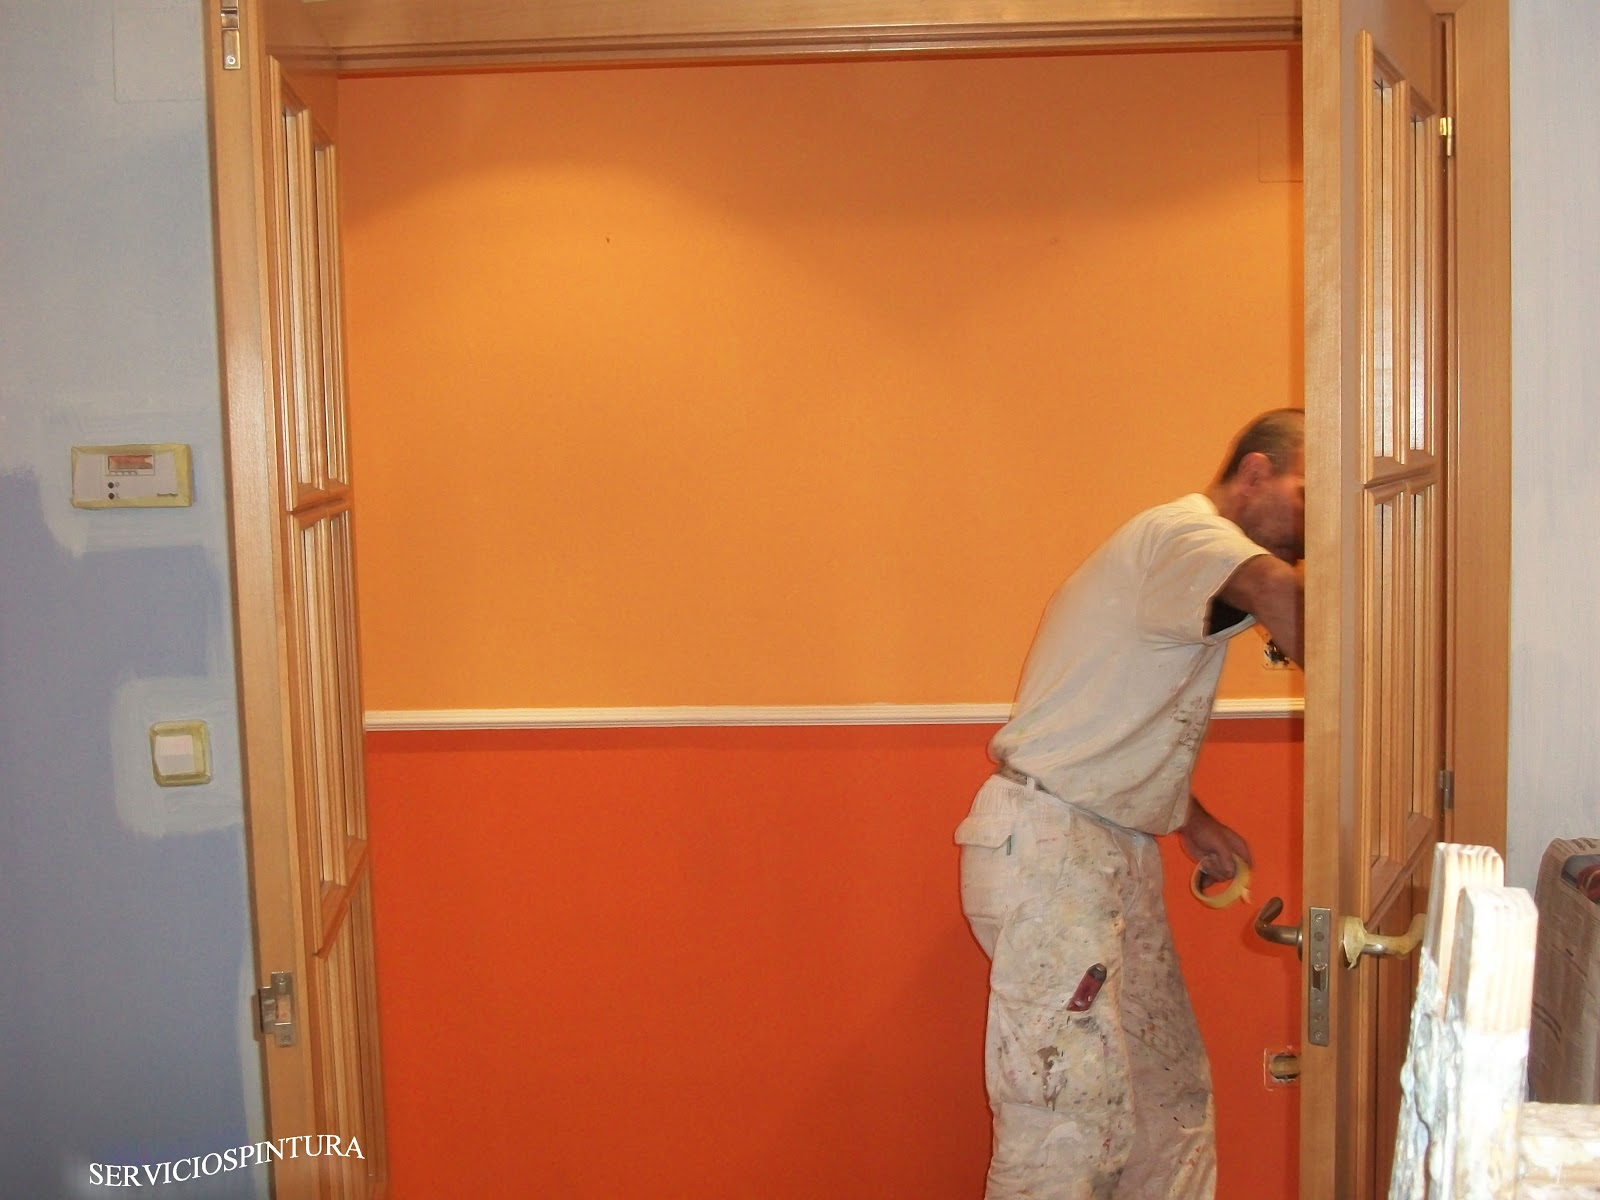 Servicios de pintura en zaragoza pintamos pisos for Pintar entrada piso